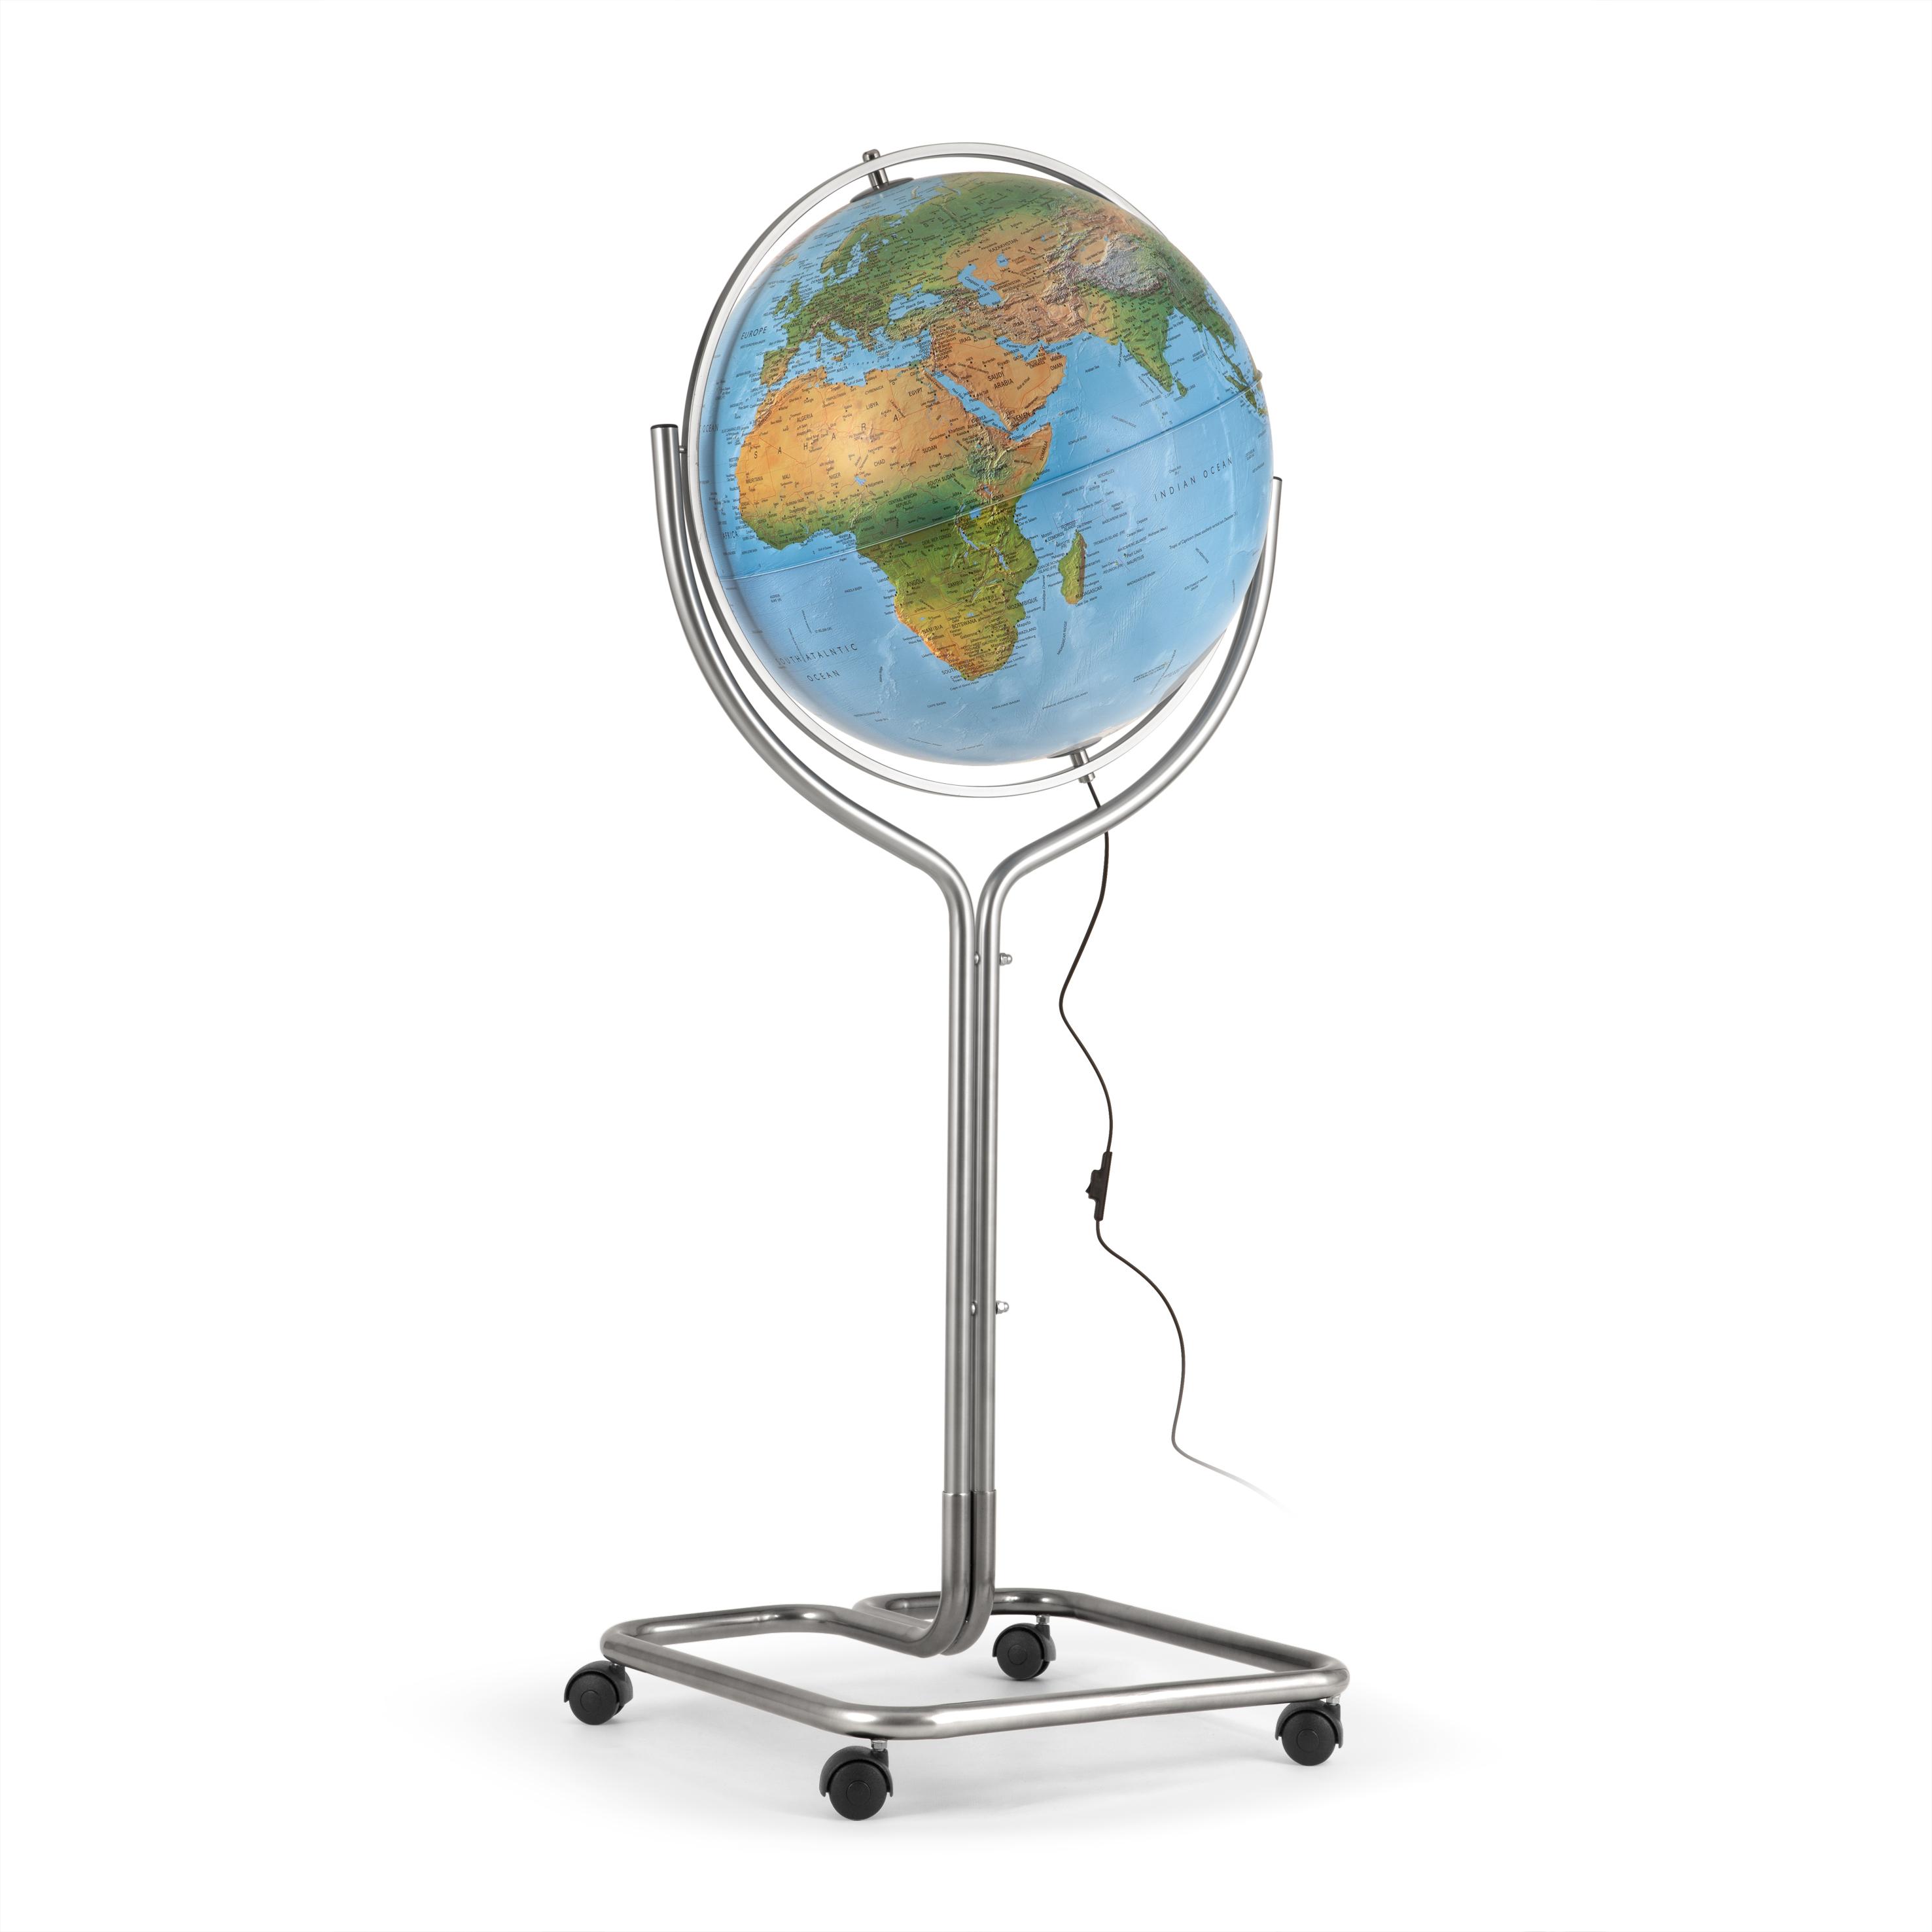 globus zeichnen einfach  globus